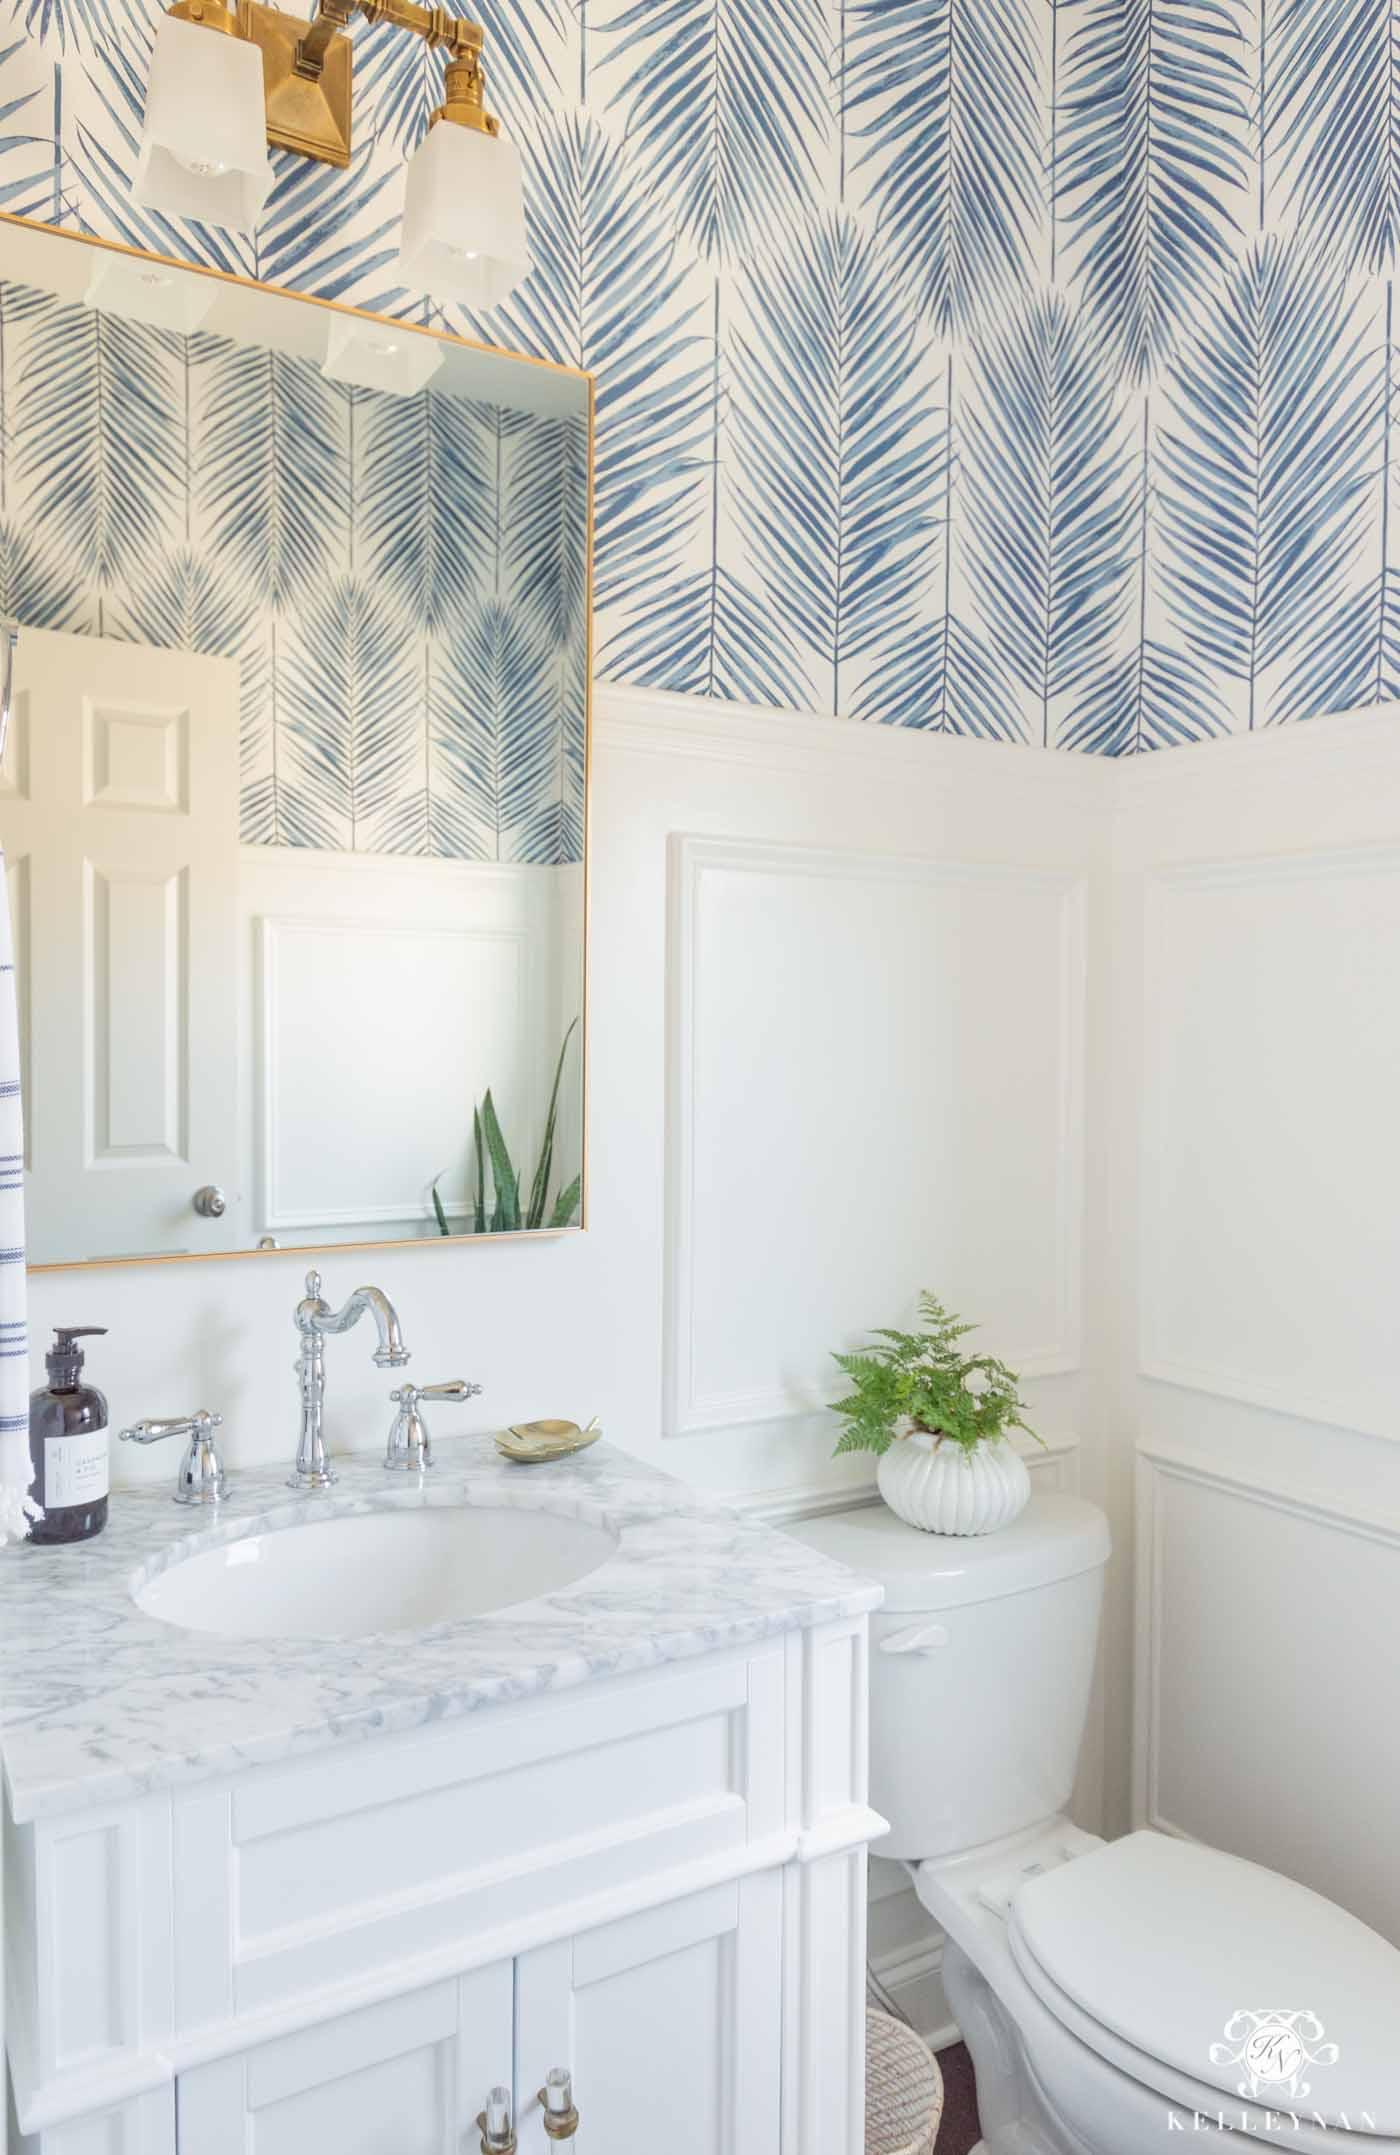 Small Bathroom Decor & Ideas